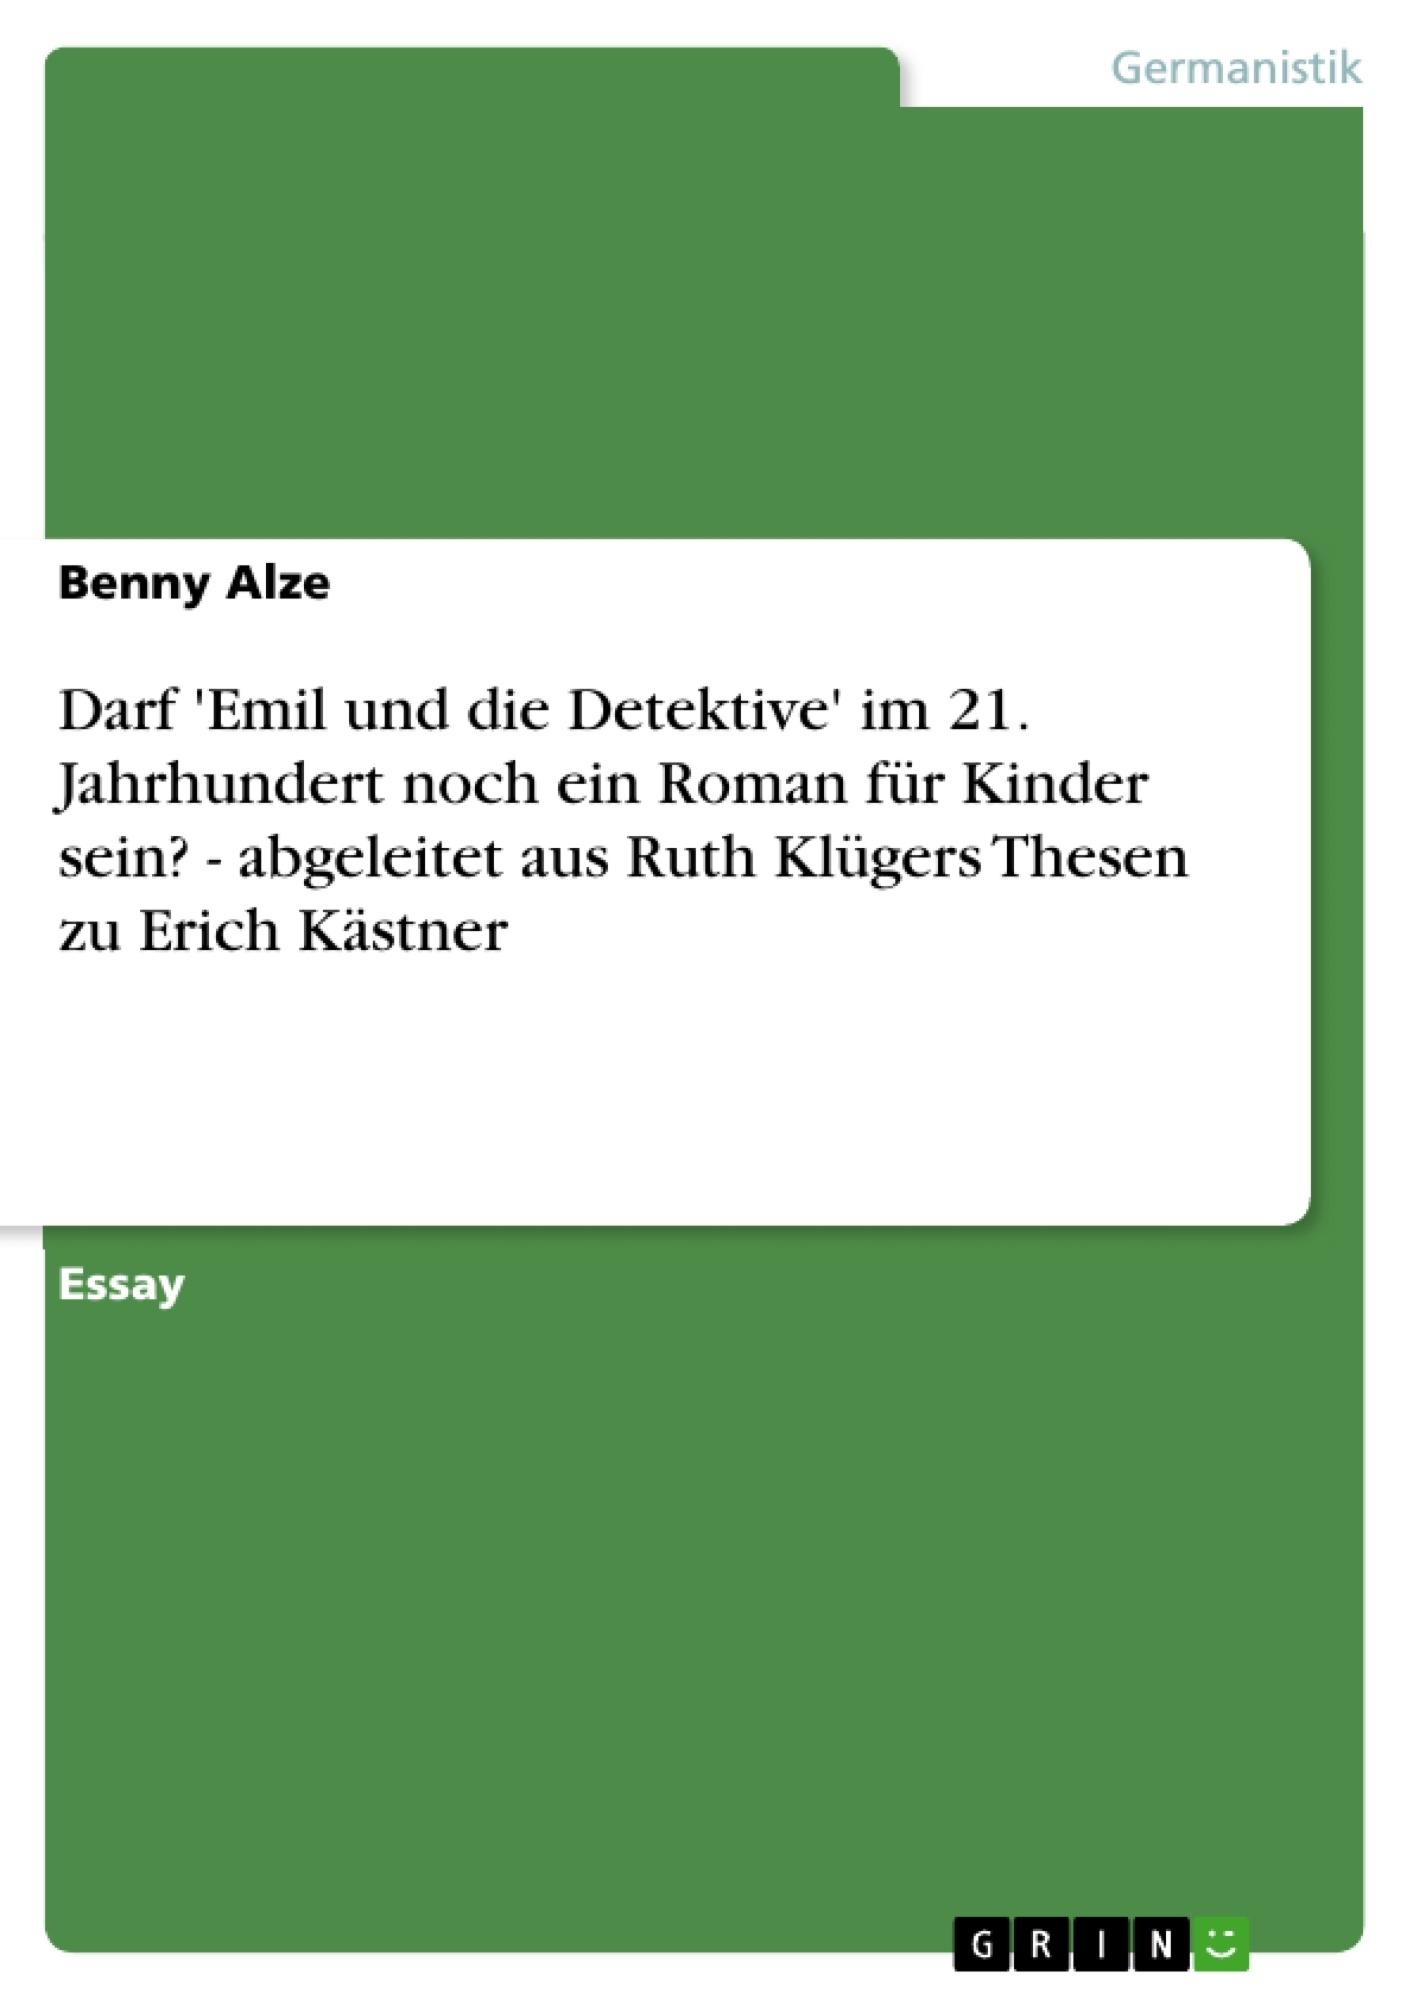 Titel: Darf 'Emil und die Detektive' im 21. Jahrhundert noch ein  Roman für Kinder sein? - abgeleitet aus Ruth Klügers Thesen zu Erich Kästner